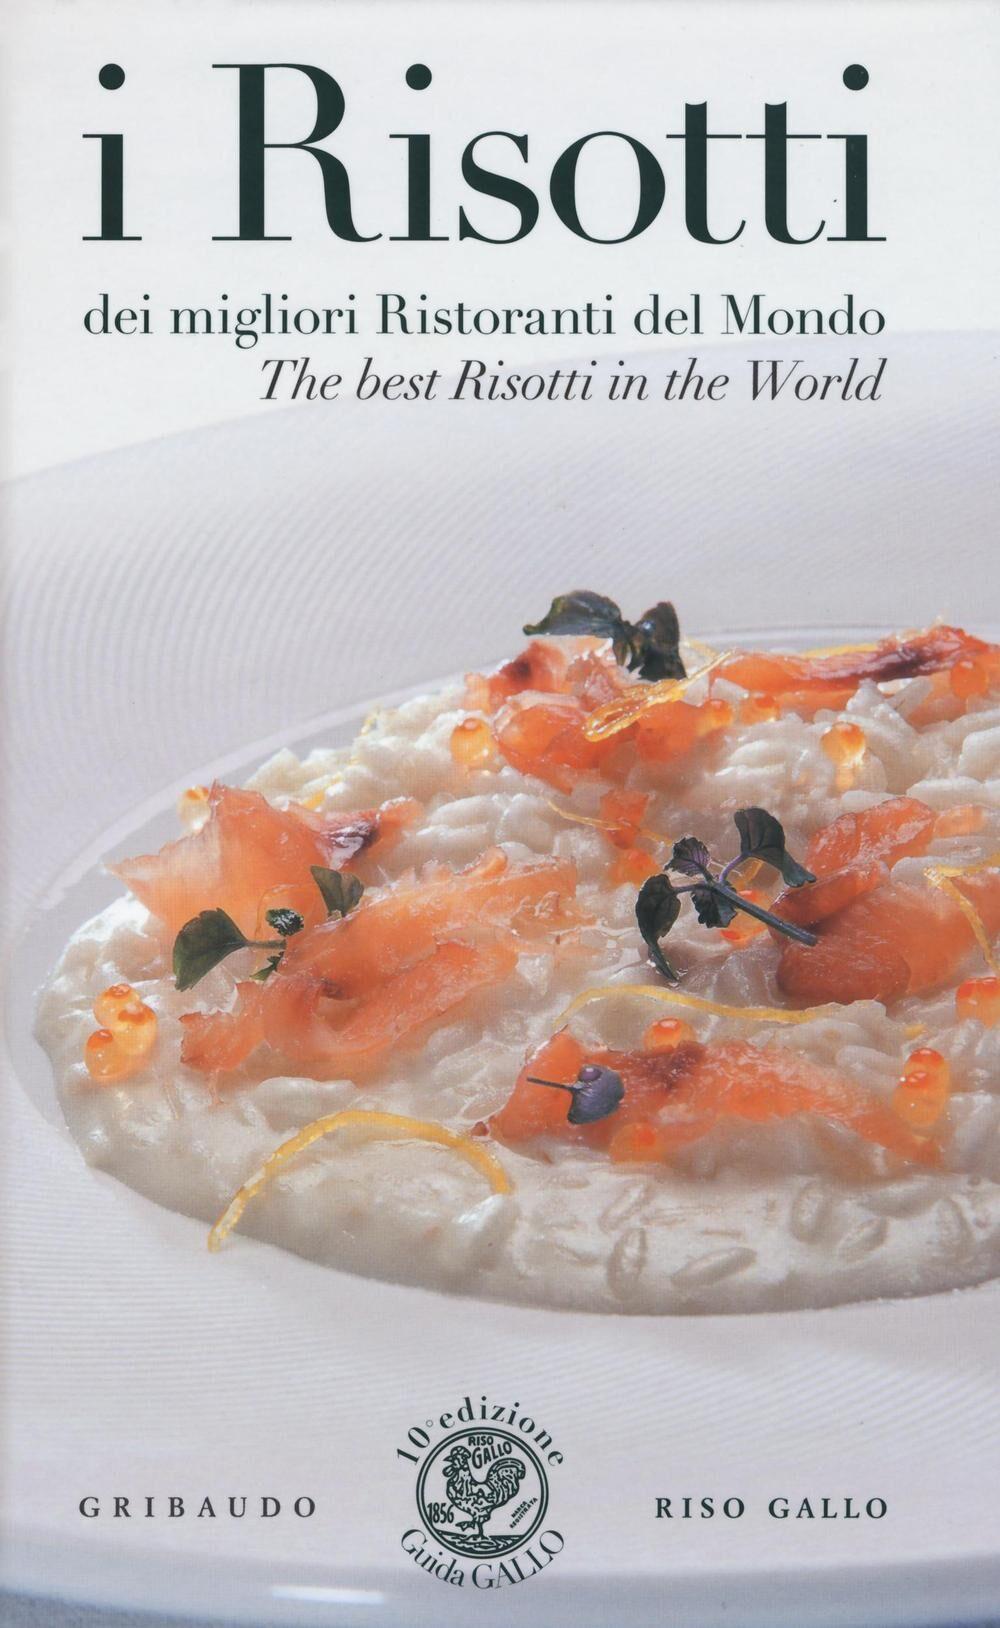 Guida riso Gallo. I risotti dei migliori ristoranti del mondo. Ediz. italiana e inglese